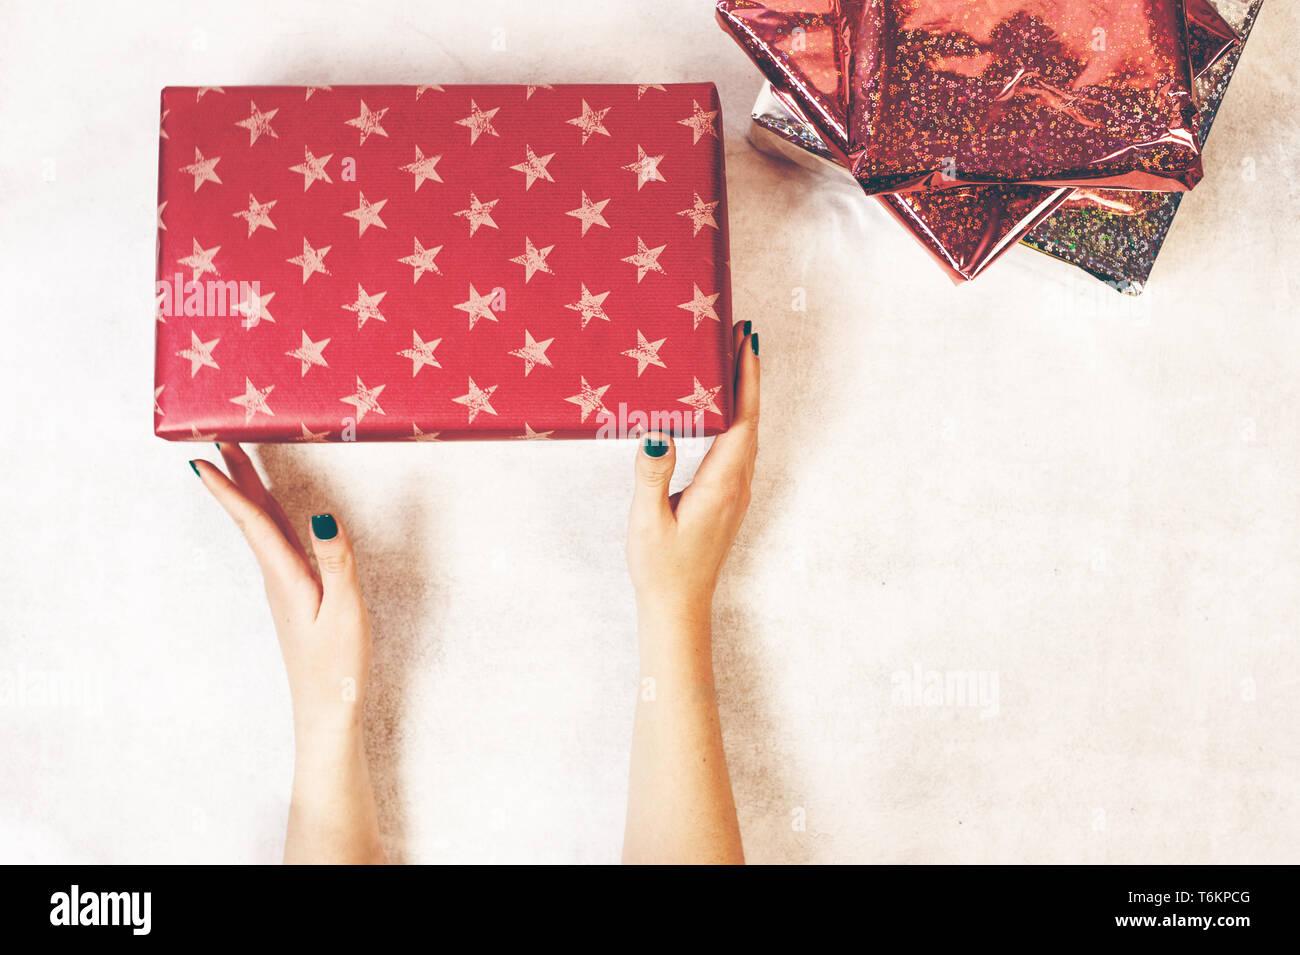 Geschenkkarton Weihnachten.Hände Halten Papier Geschenkkarton Mit Als Geschenk Weihnachten